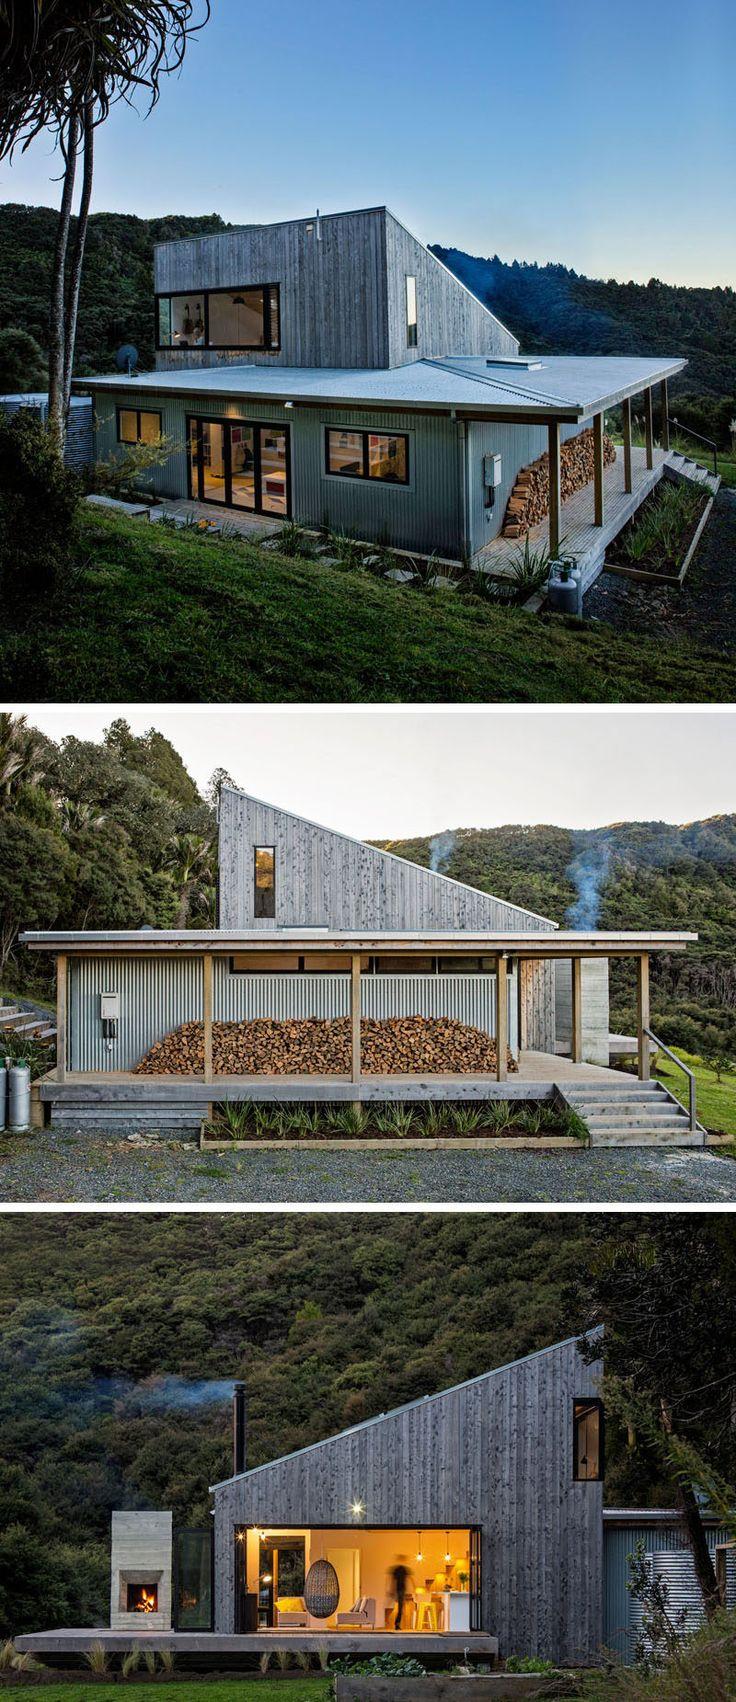 Dieses neue ländliche Haus sitzt auf einem Abhang in Neuseeland, das durch Bush-Land umgeben wird – Diy Deko und ZuHaus Design Ideen